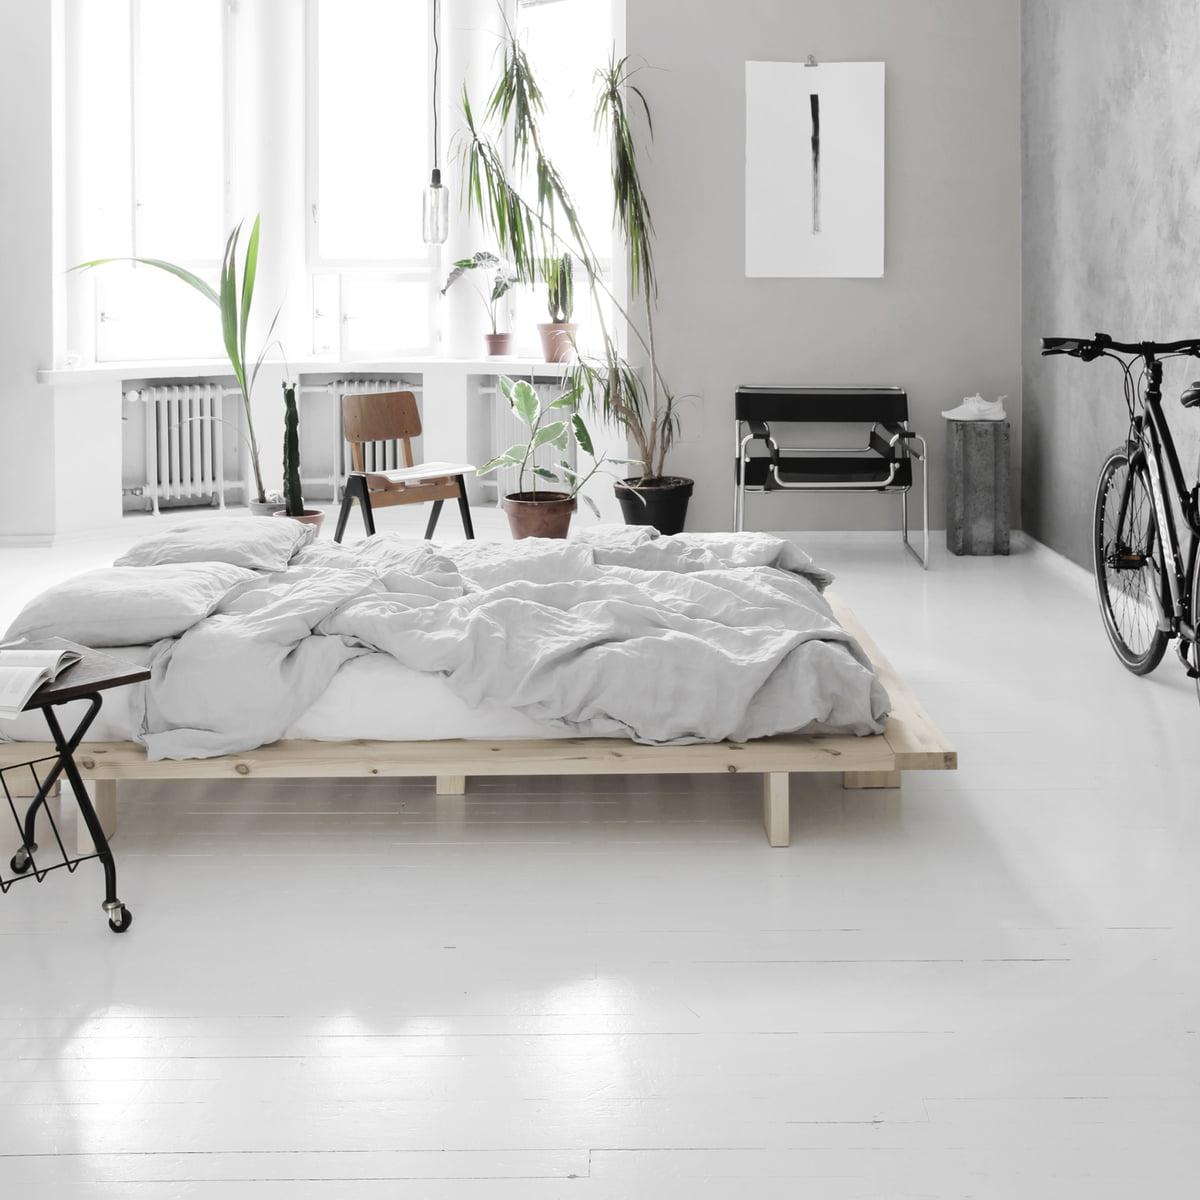 Full Size of Japanische Betten Futonbett Japan Von Karup Design Connoshop 200x220 Mit Aufbewahrung Amerikanische Rauch 140x200 Jugend Paradies Nolte Billige Aus Holz Bett Japanische Betten